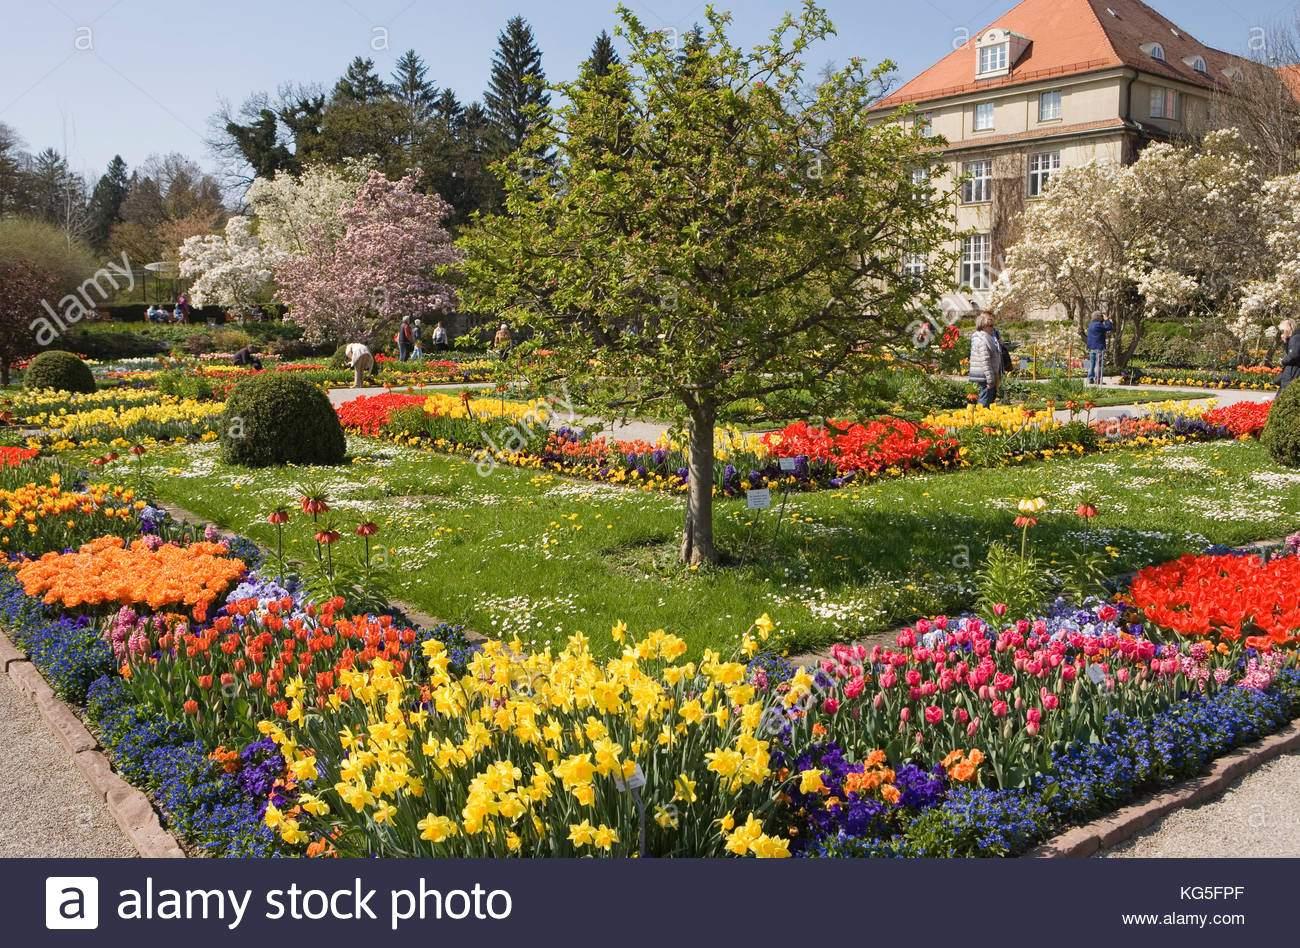 Botanischer Garten München Neu Botanischer Garten München Nymphenburg Botanischer Garten